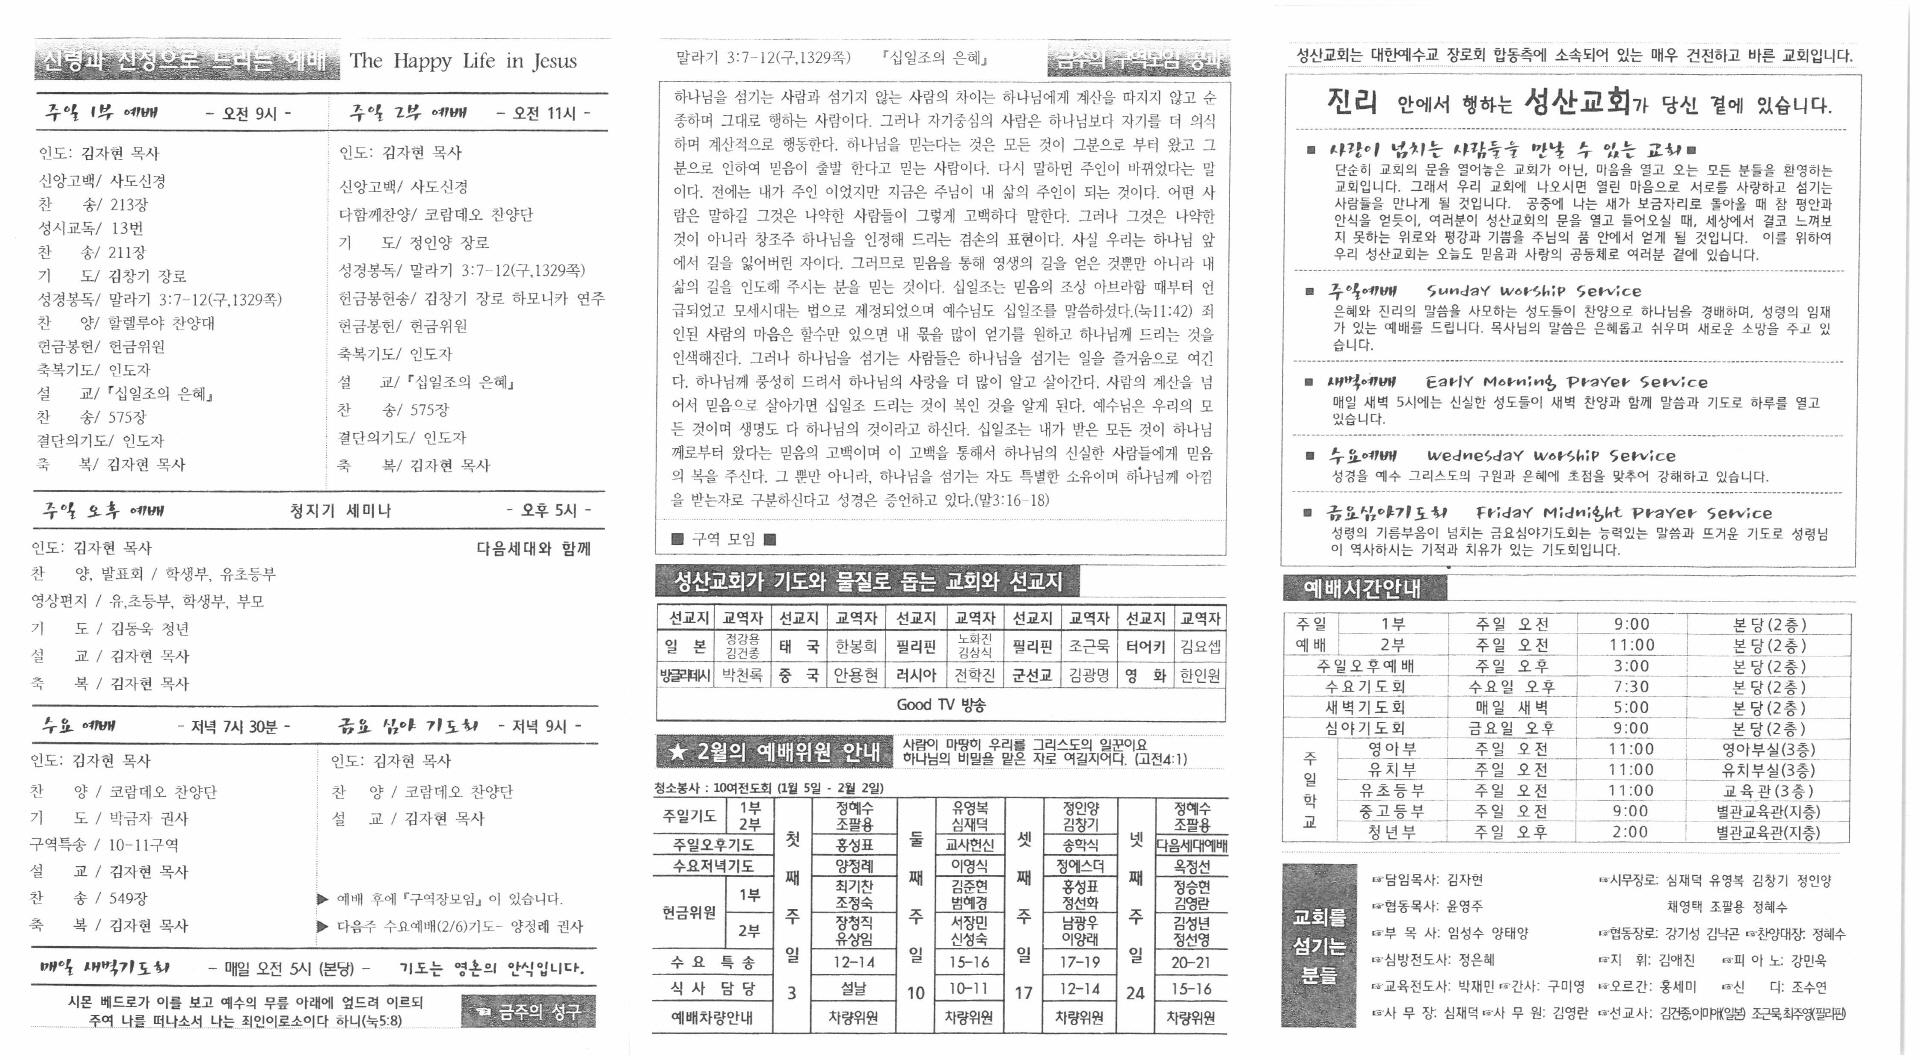 축소S22C-6e19020217120_0002.jpg